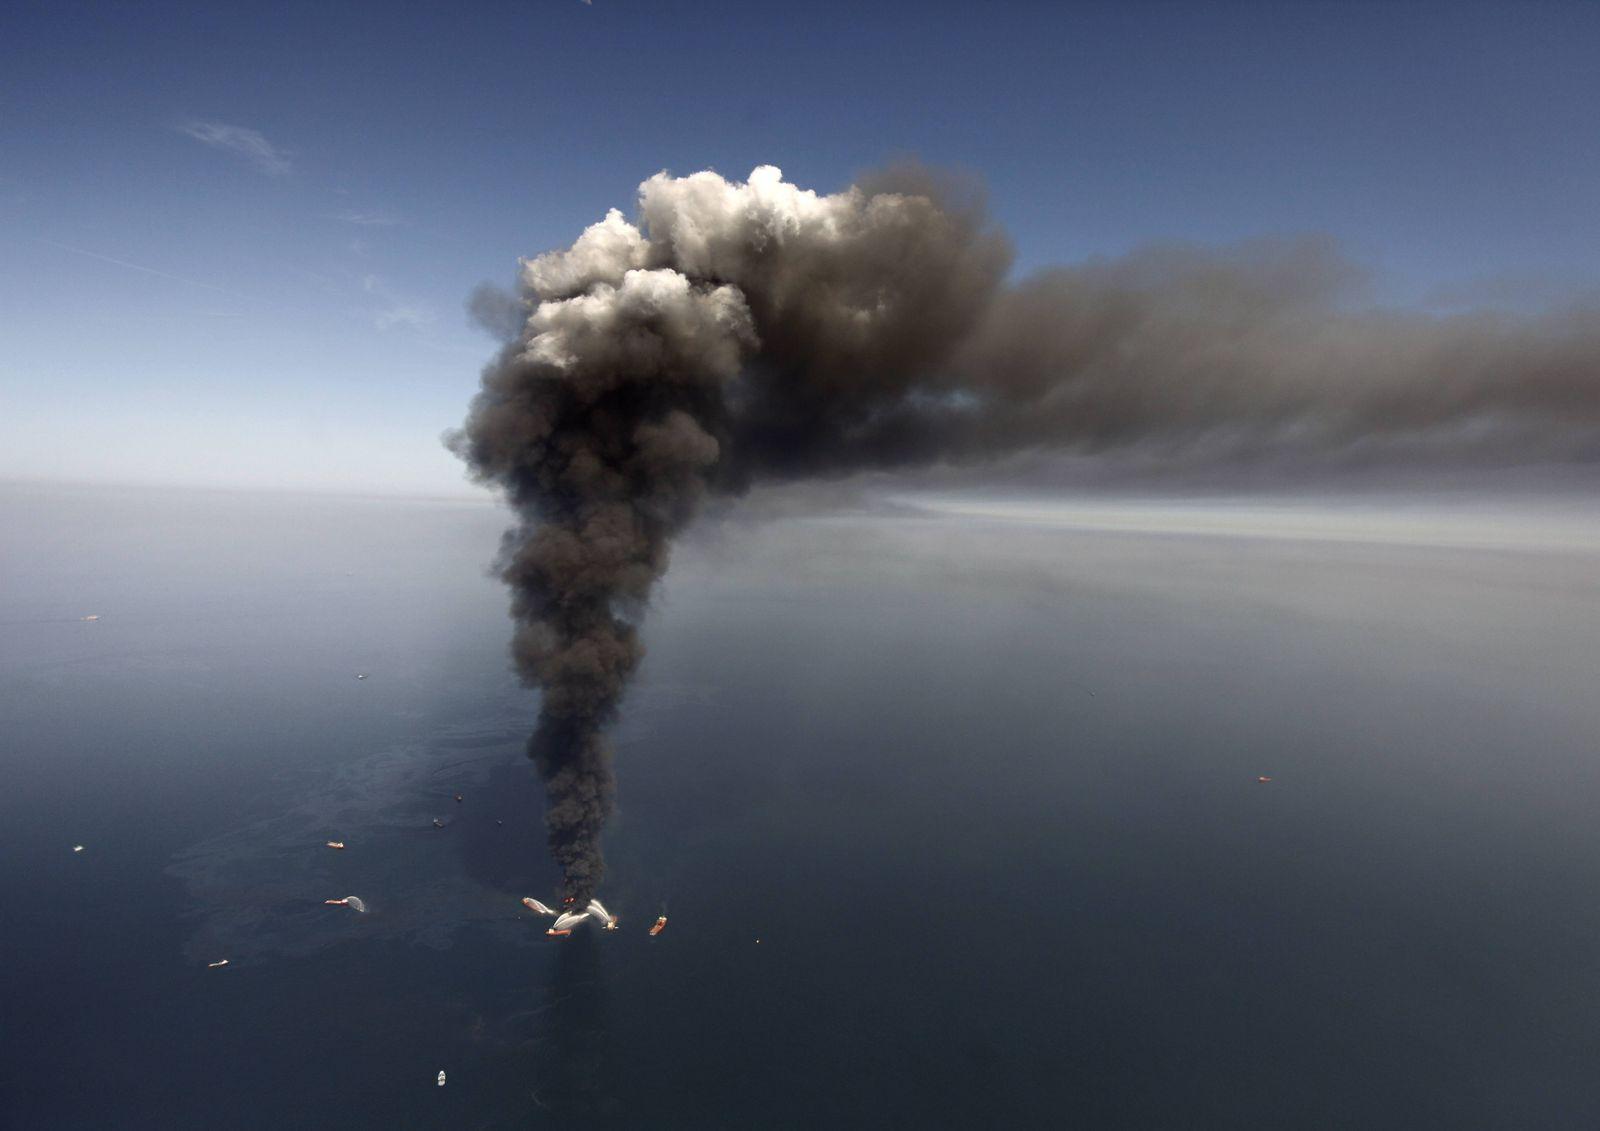 Umwelt/Unternehmen/Ungluecke/Umweltkatastrophen